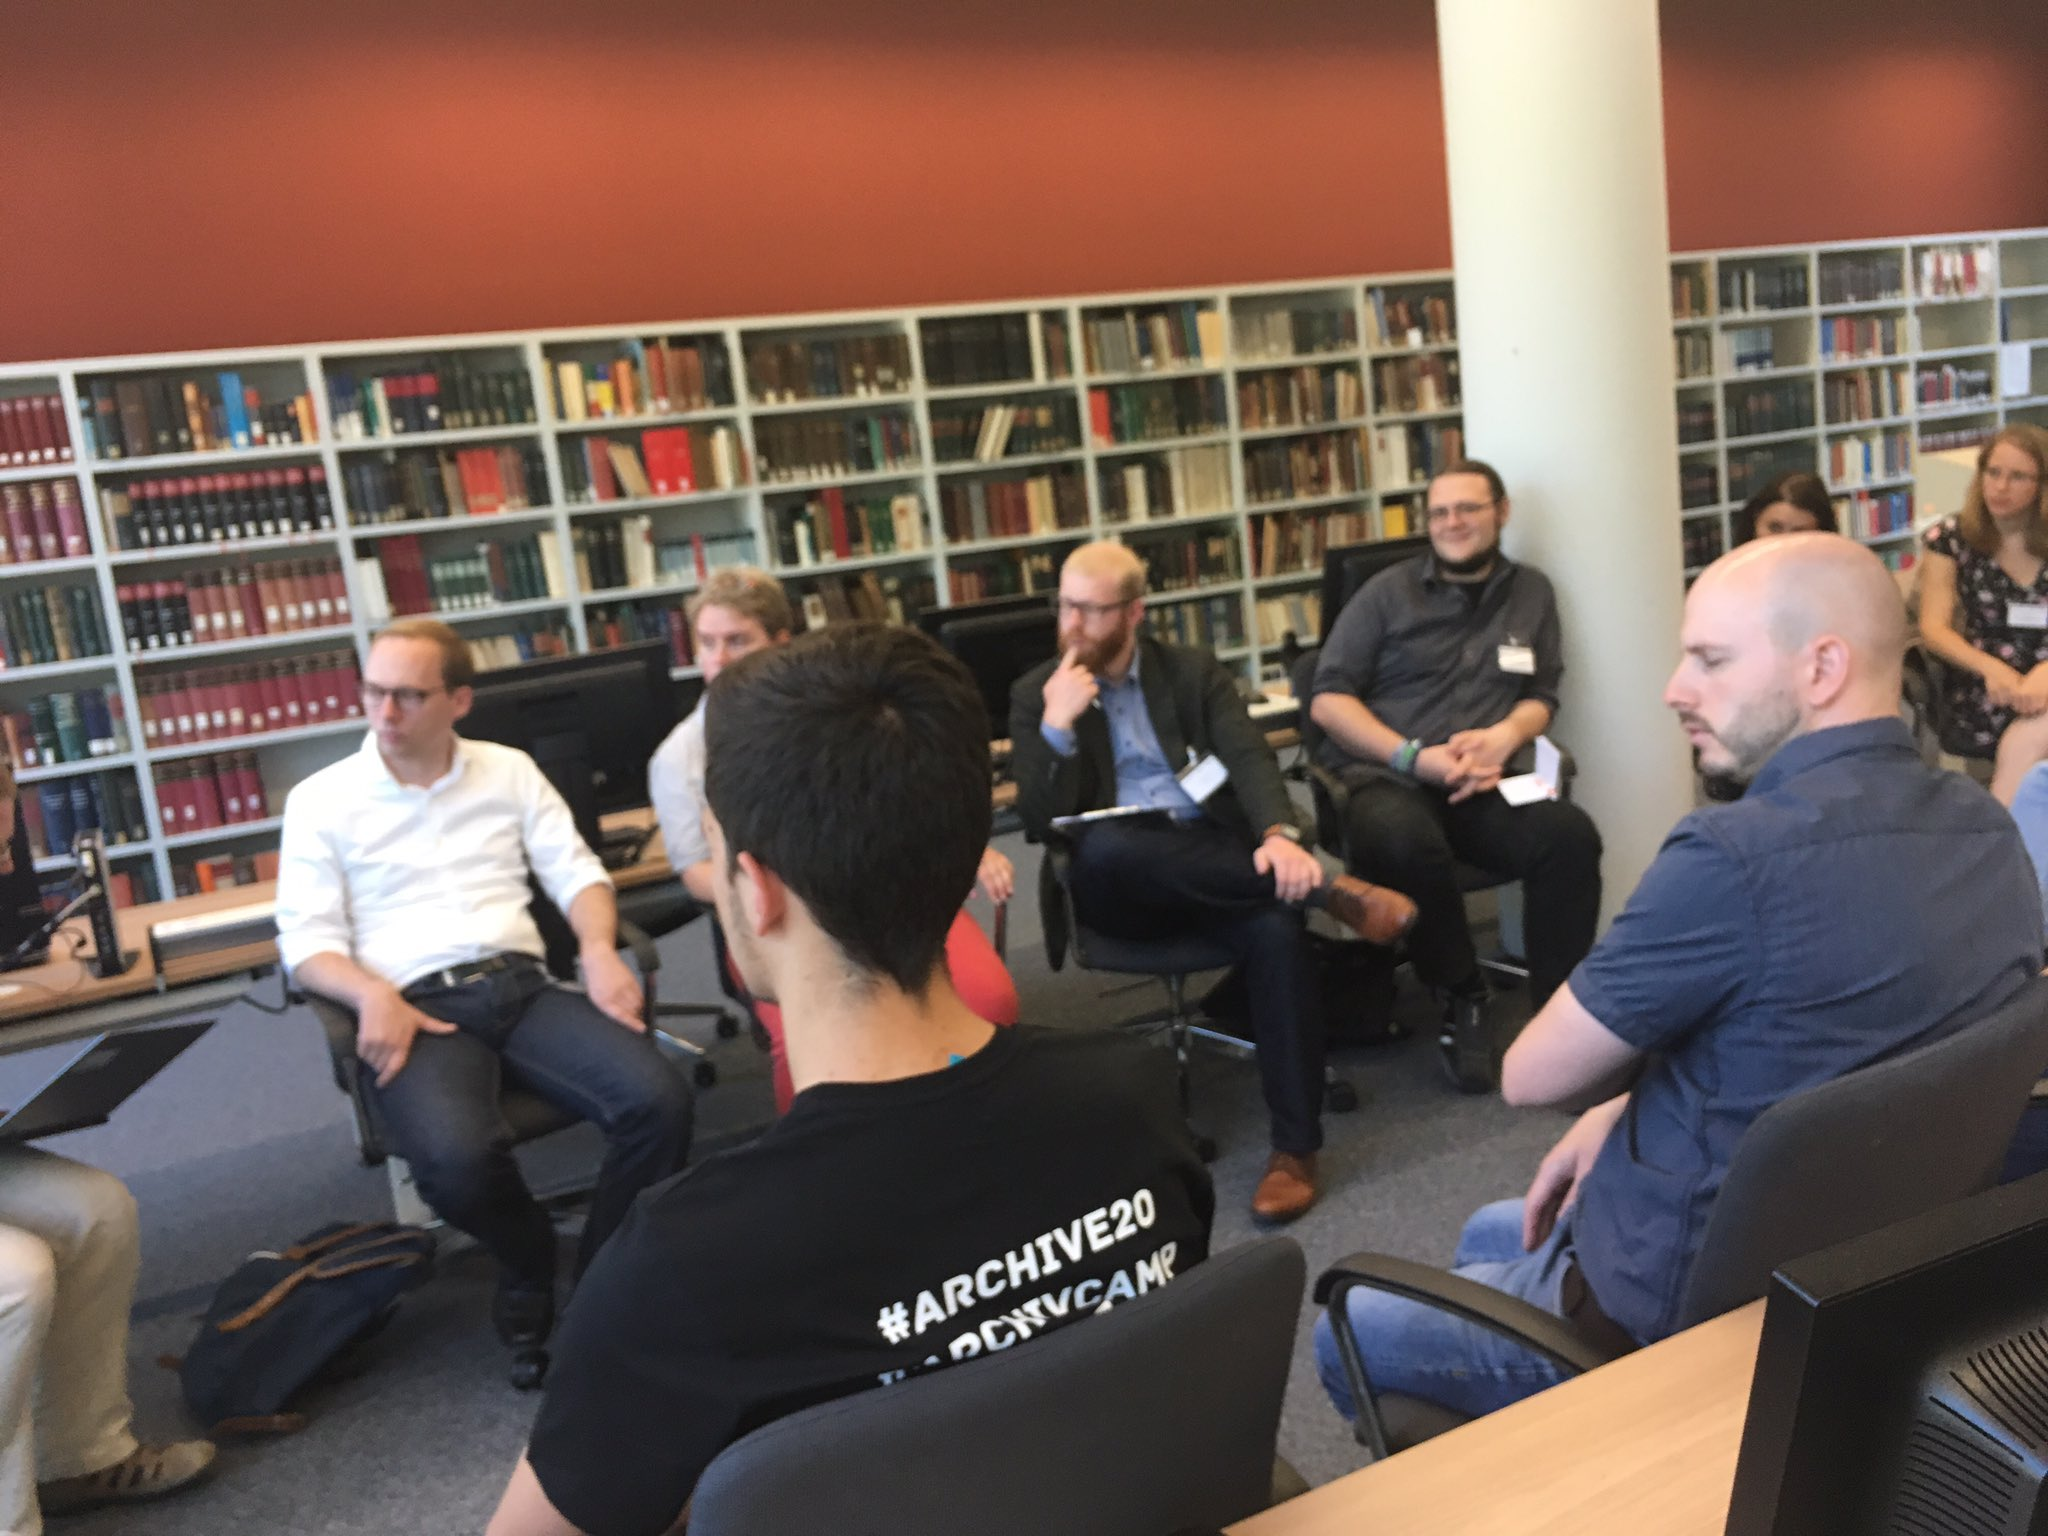 Konsens: Nutzende sind zu leise, Archive arbeiten technologiegetrieben #webseitenarchivierung #archive20 #archivcamp https://t.co/24sLe7yDv2